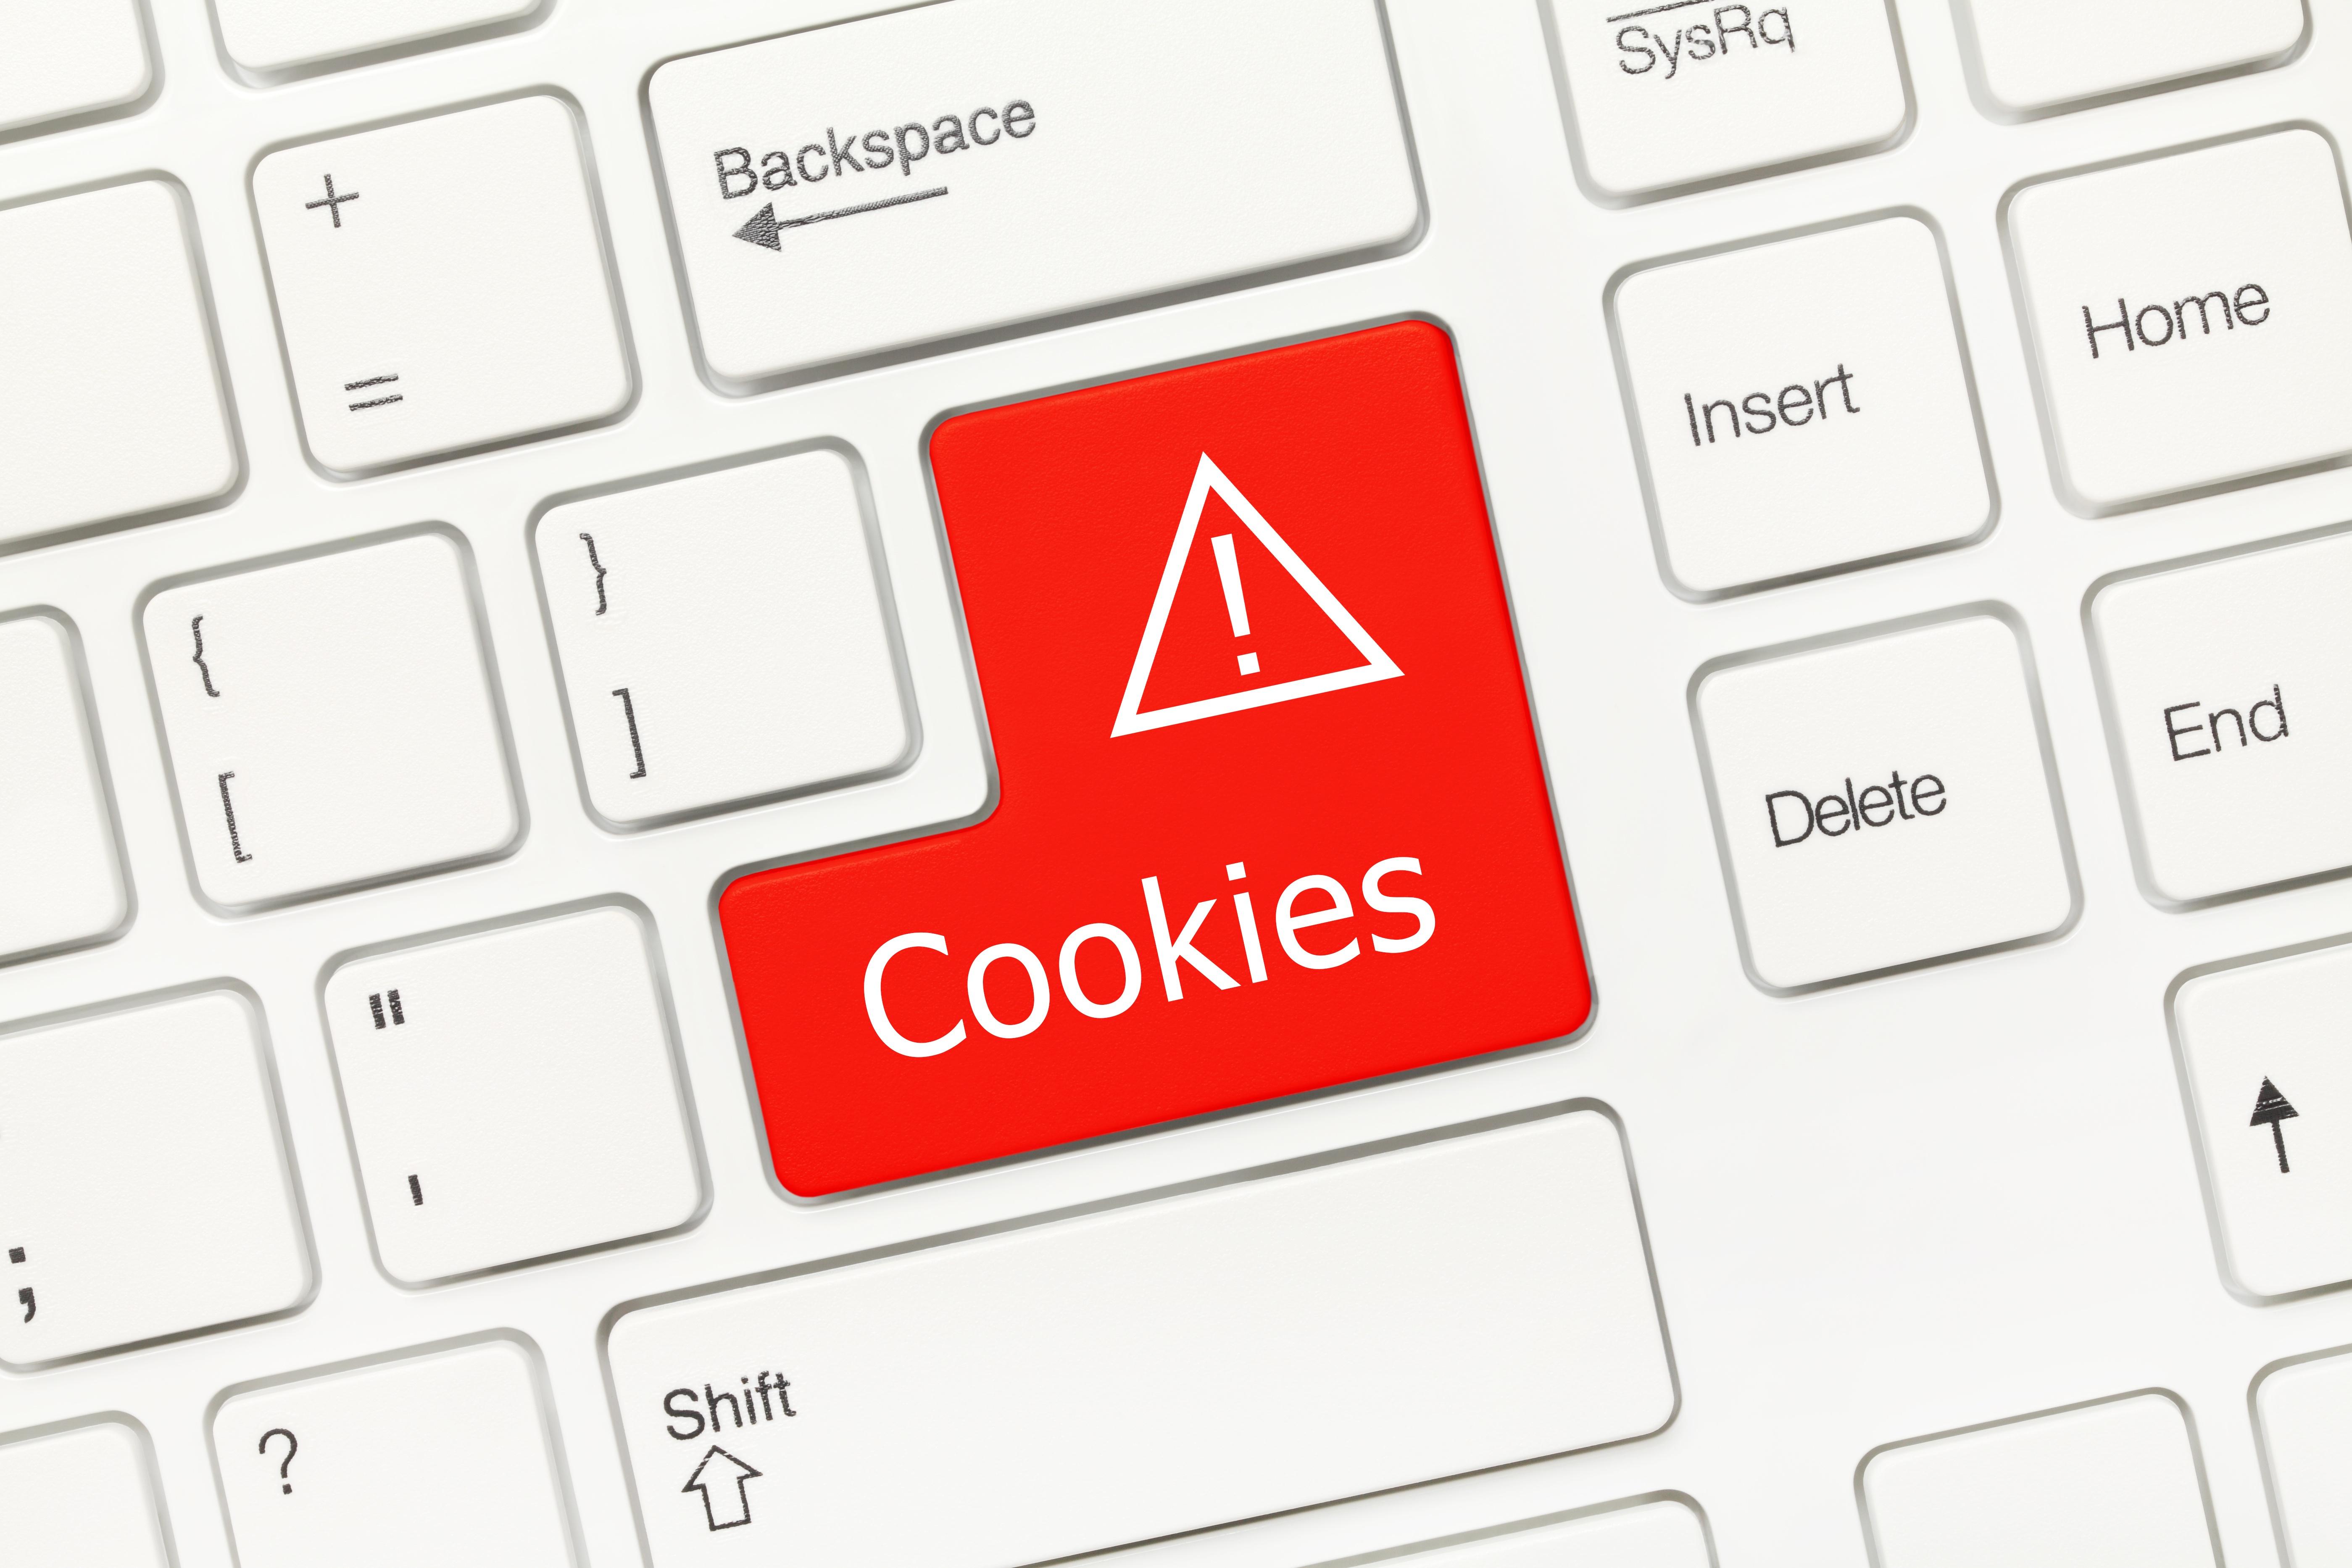 cookies_retargeting.jpeg